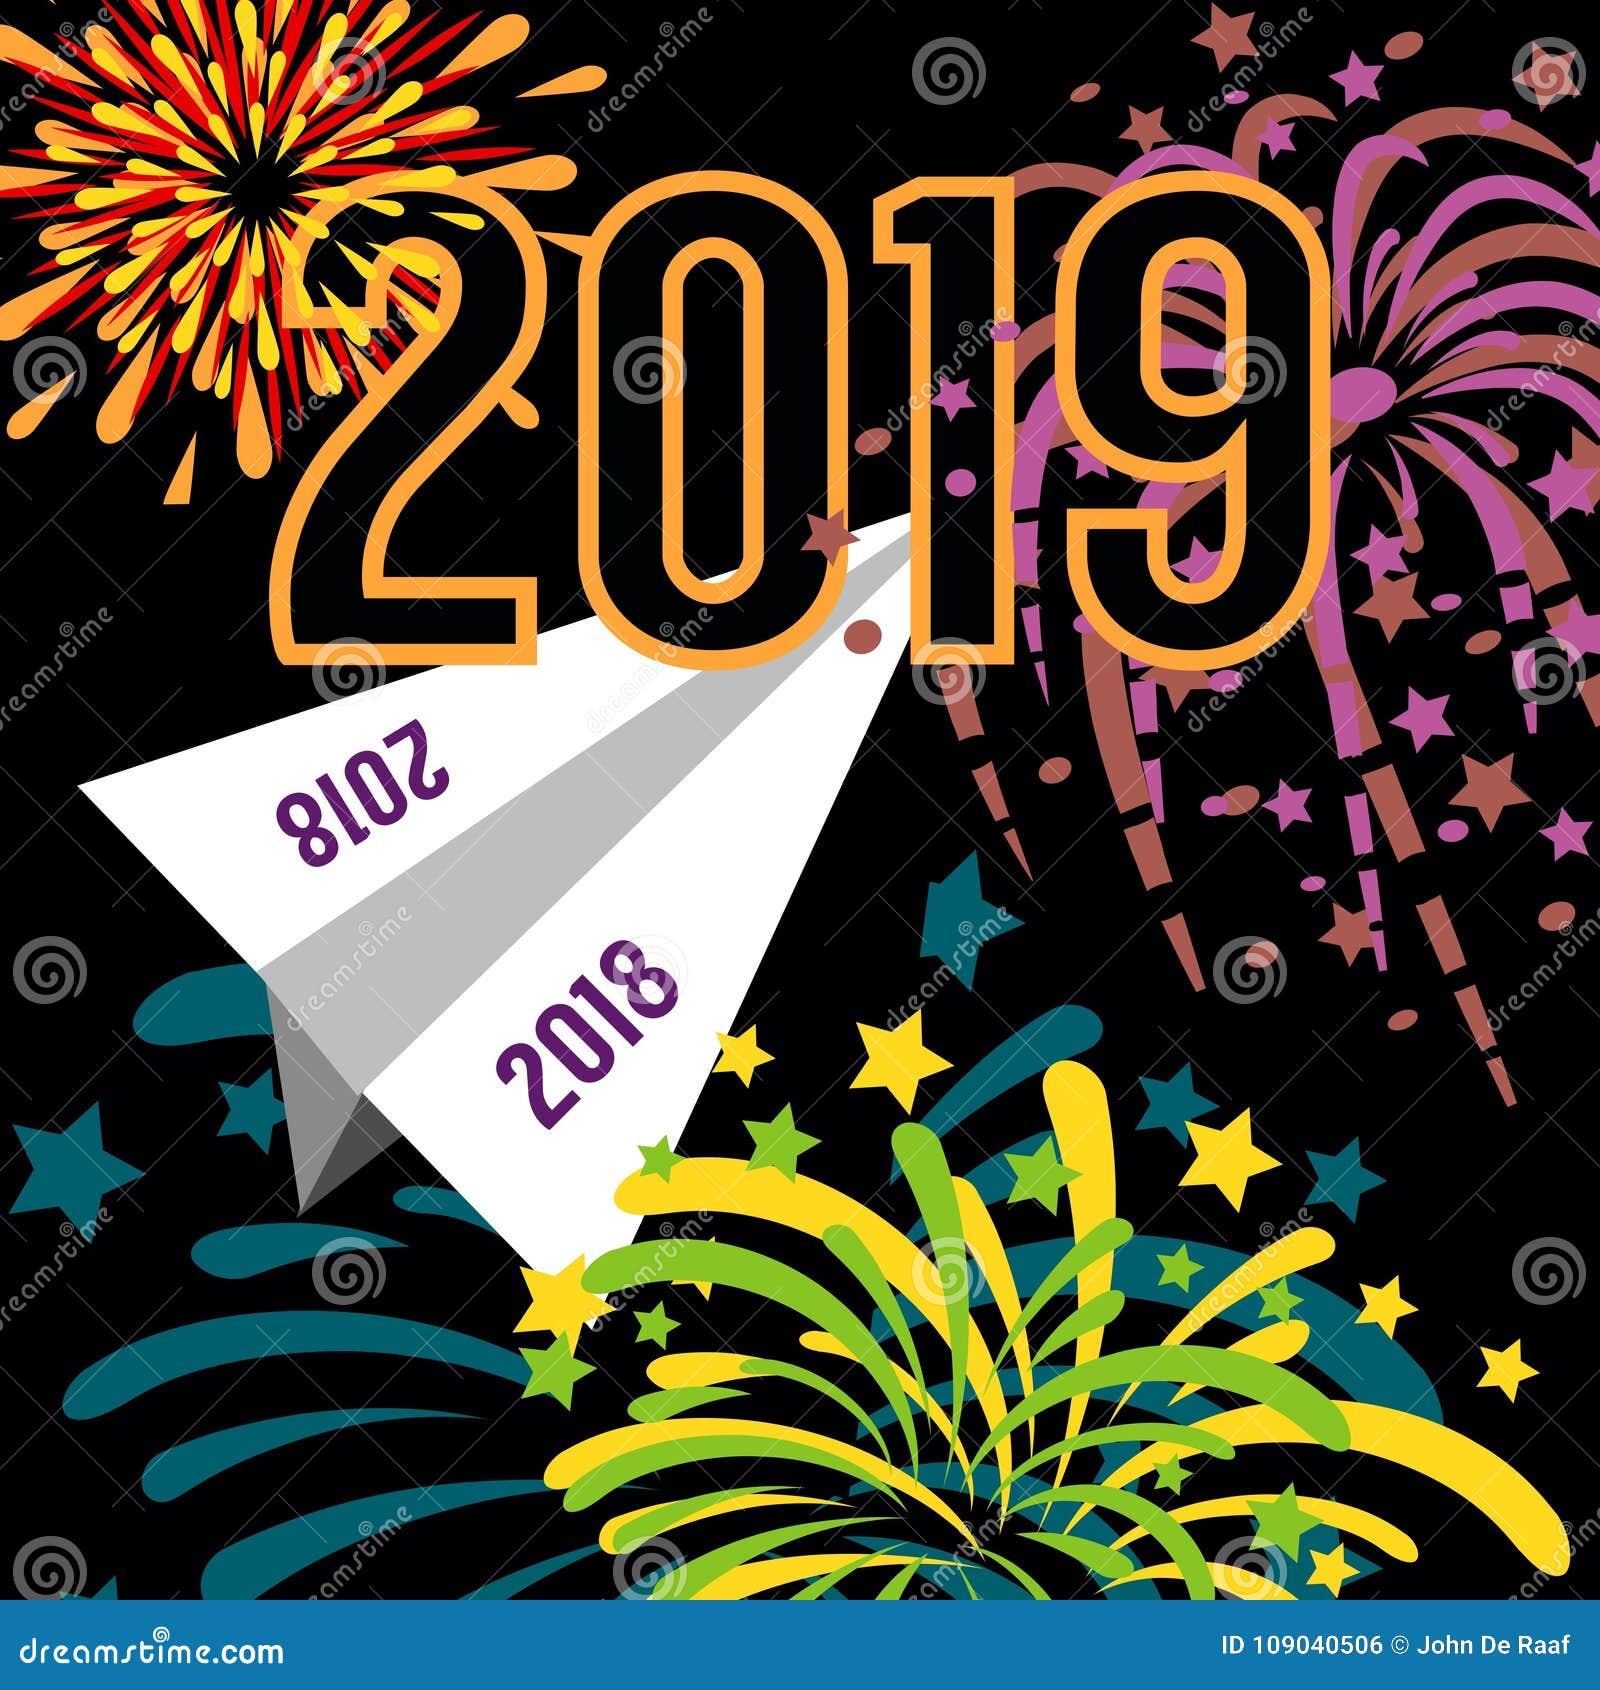 Resultado de imagen para adios 2018 hola 2019